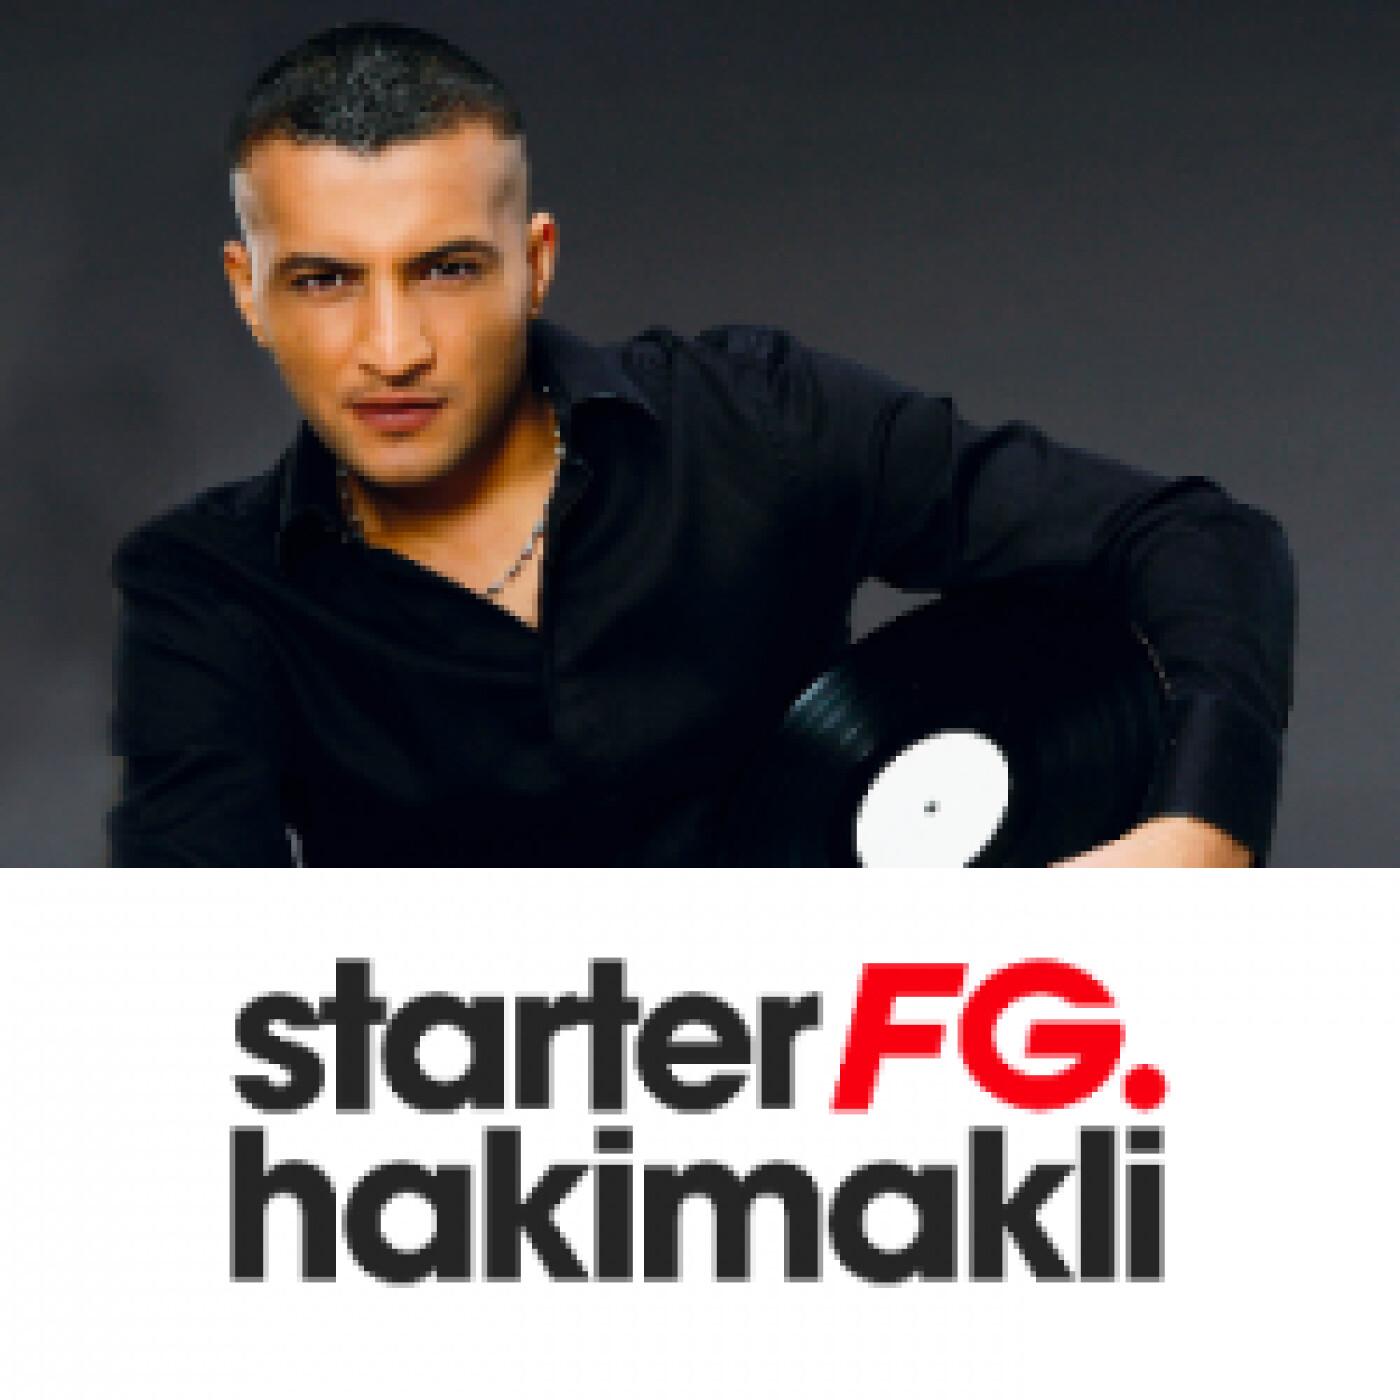 STARTER FG BY HAKIMAKLI LUNDI 17 MAI 2021